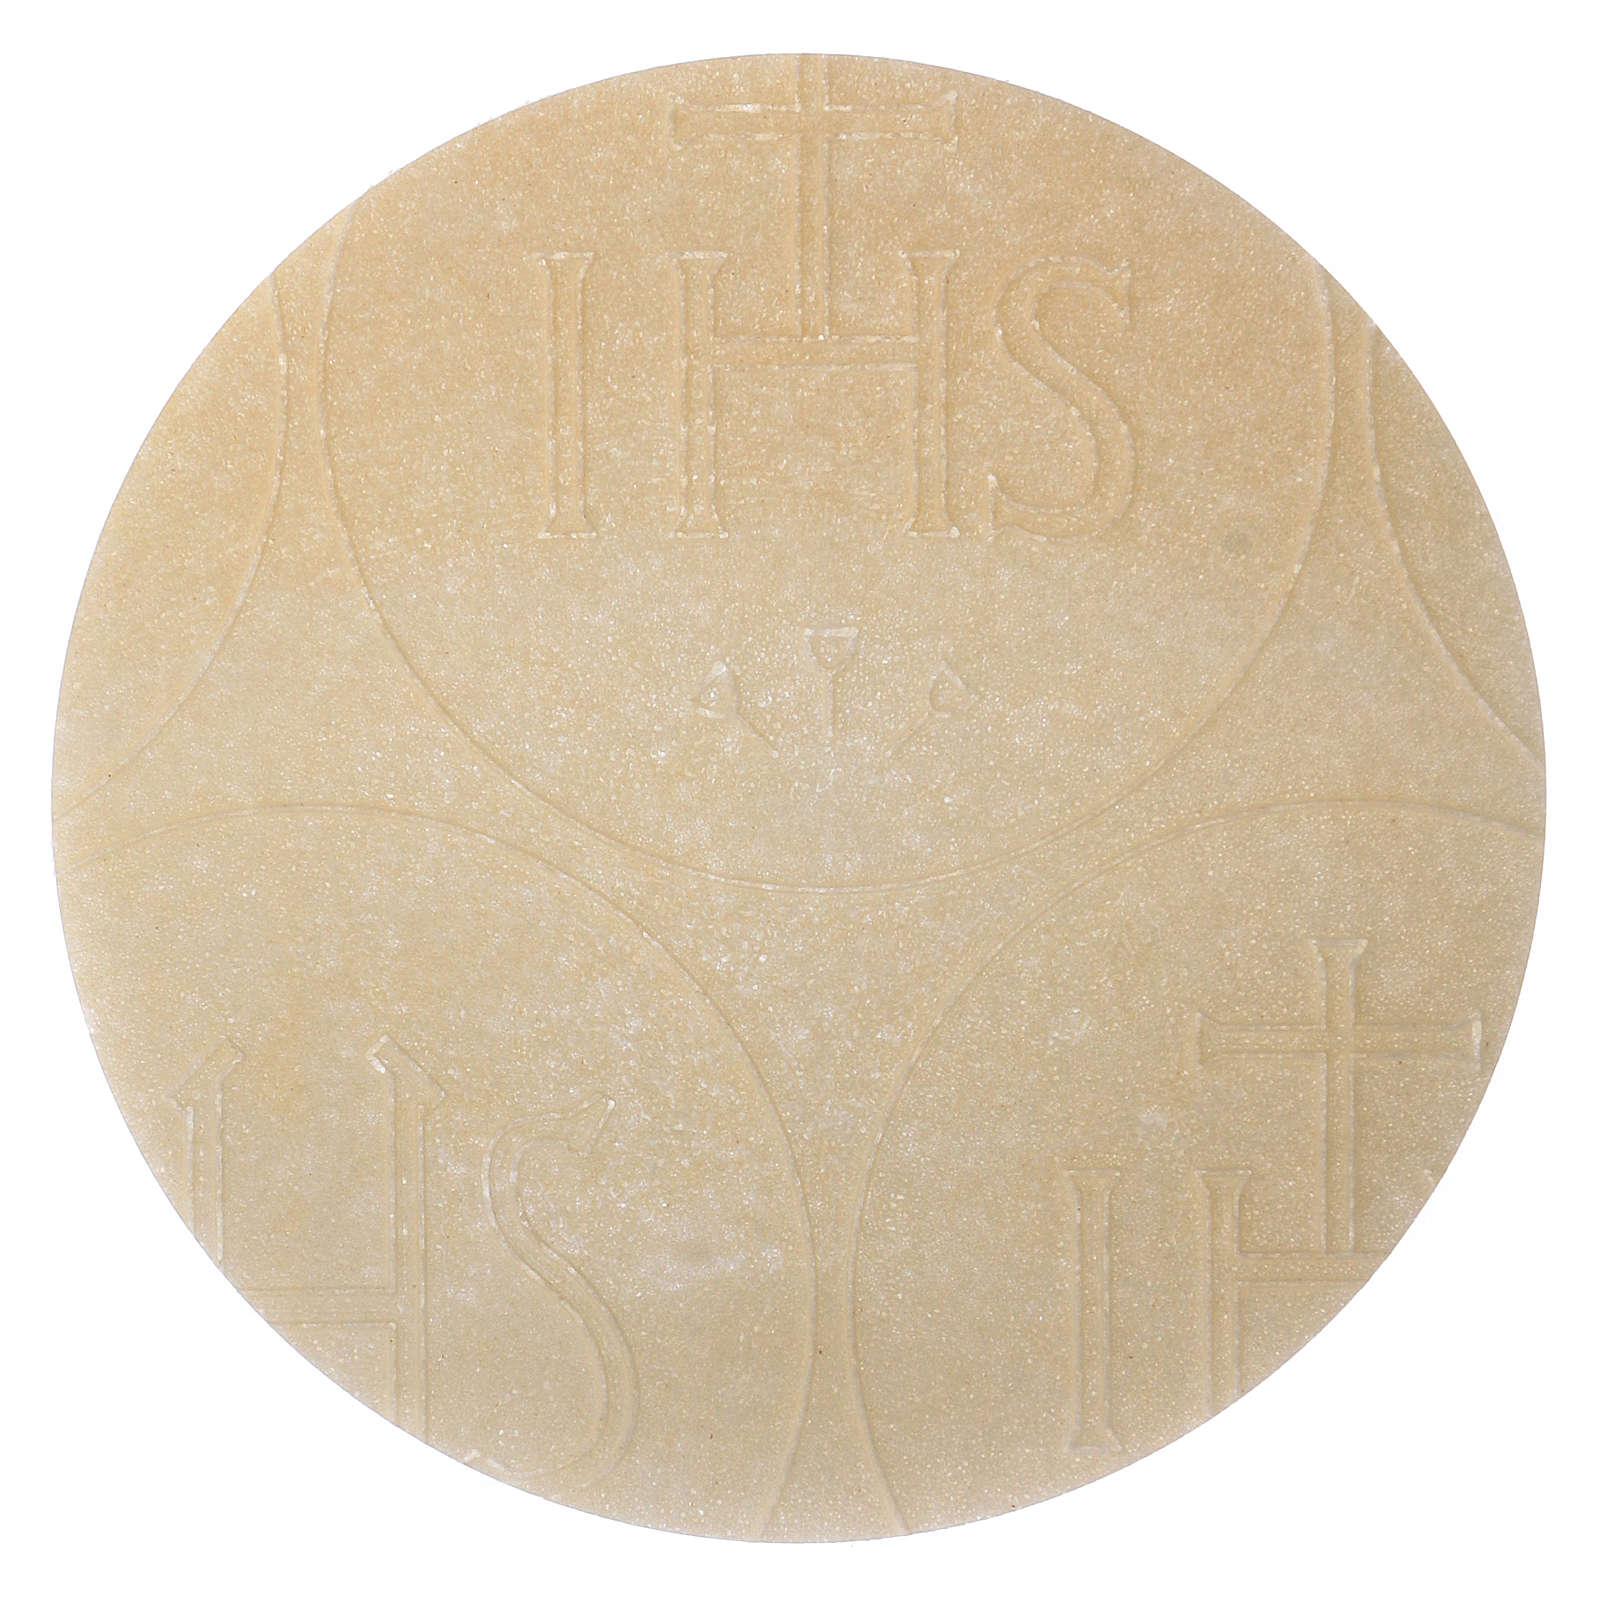 Forma de Concelebracion 5 unid. Diám. 12,5 cm. sutil 3